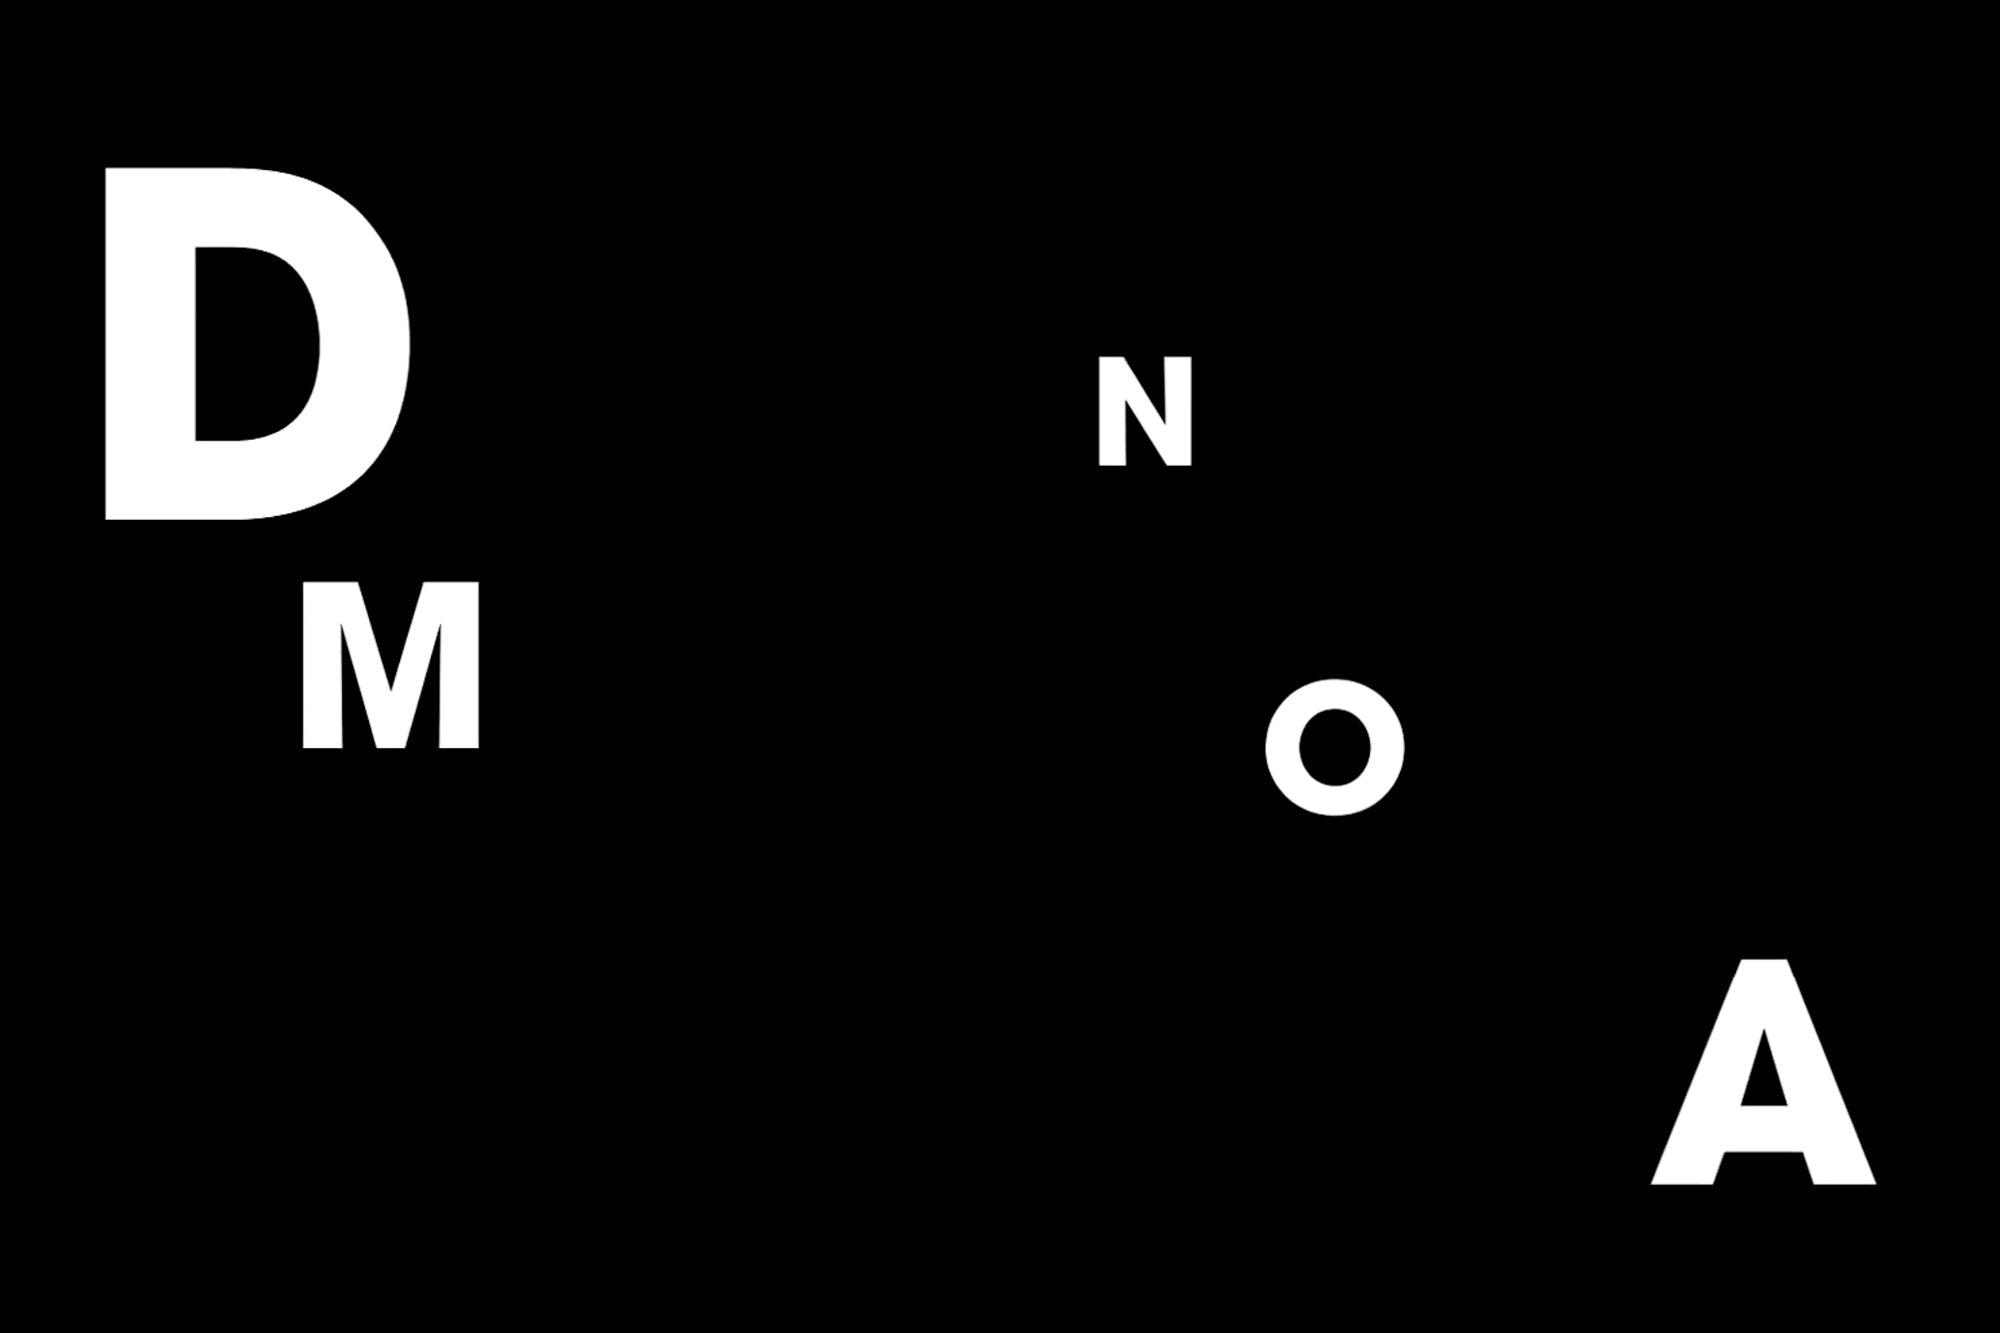 Nomad logotype